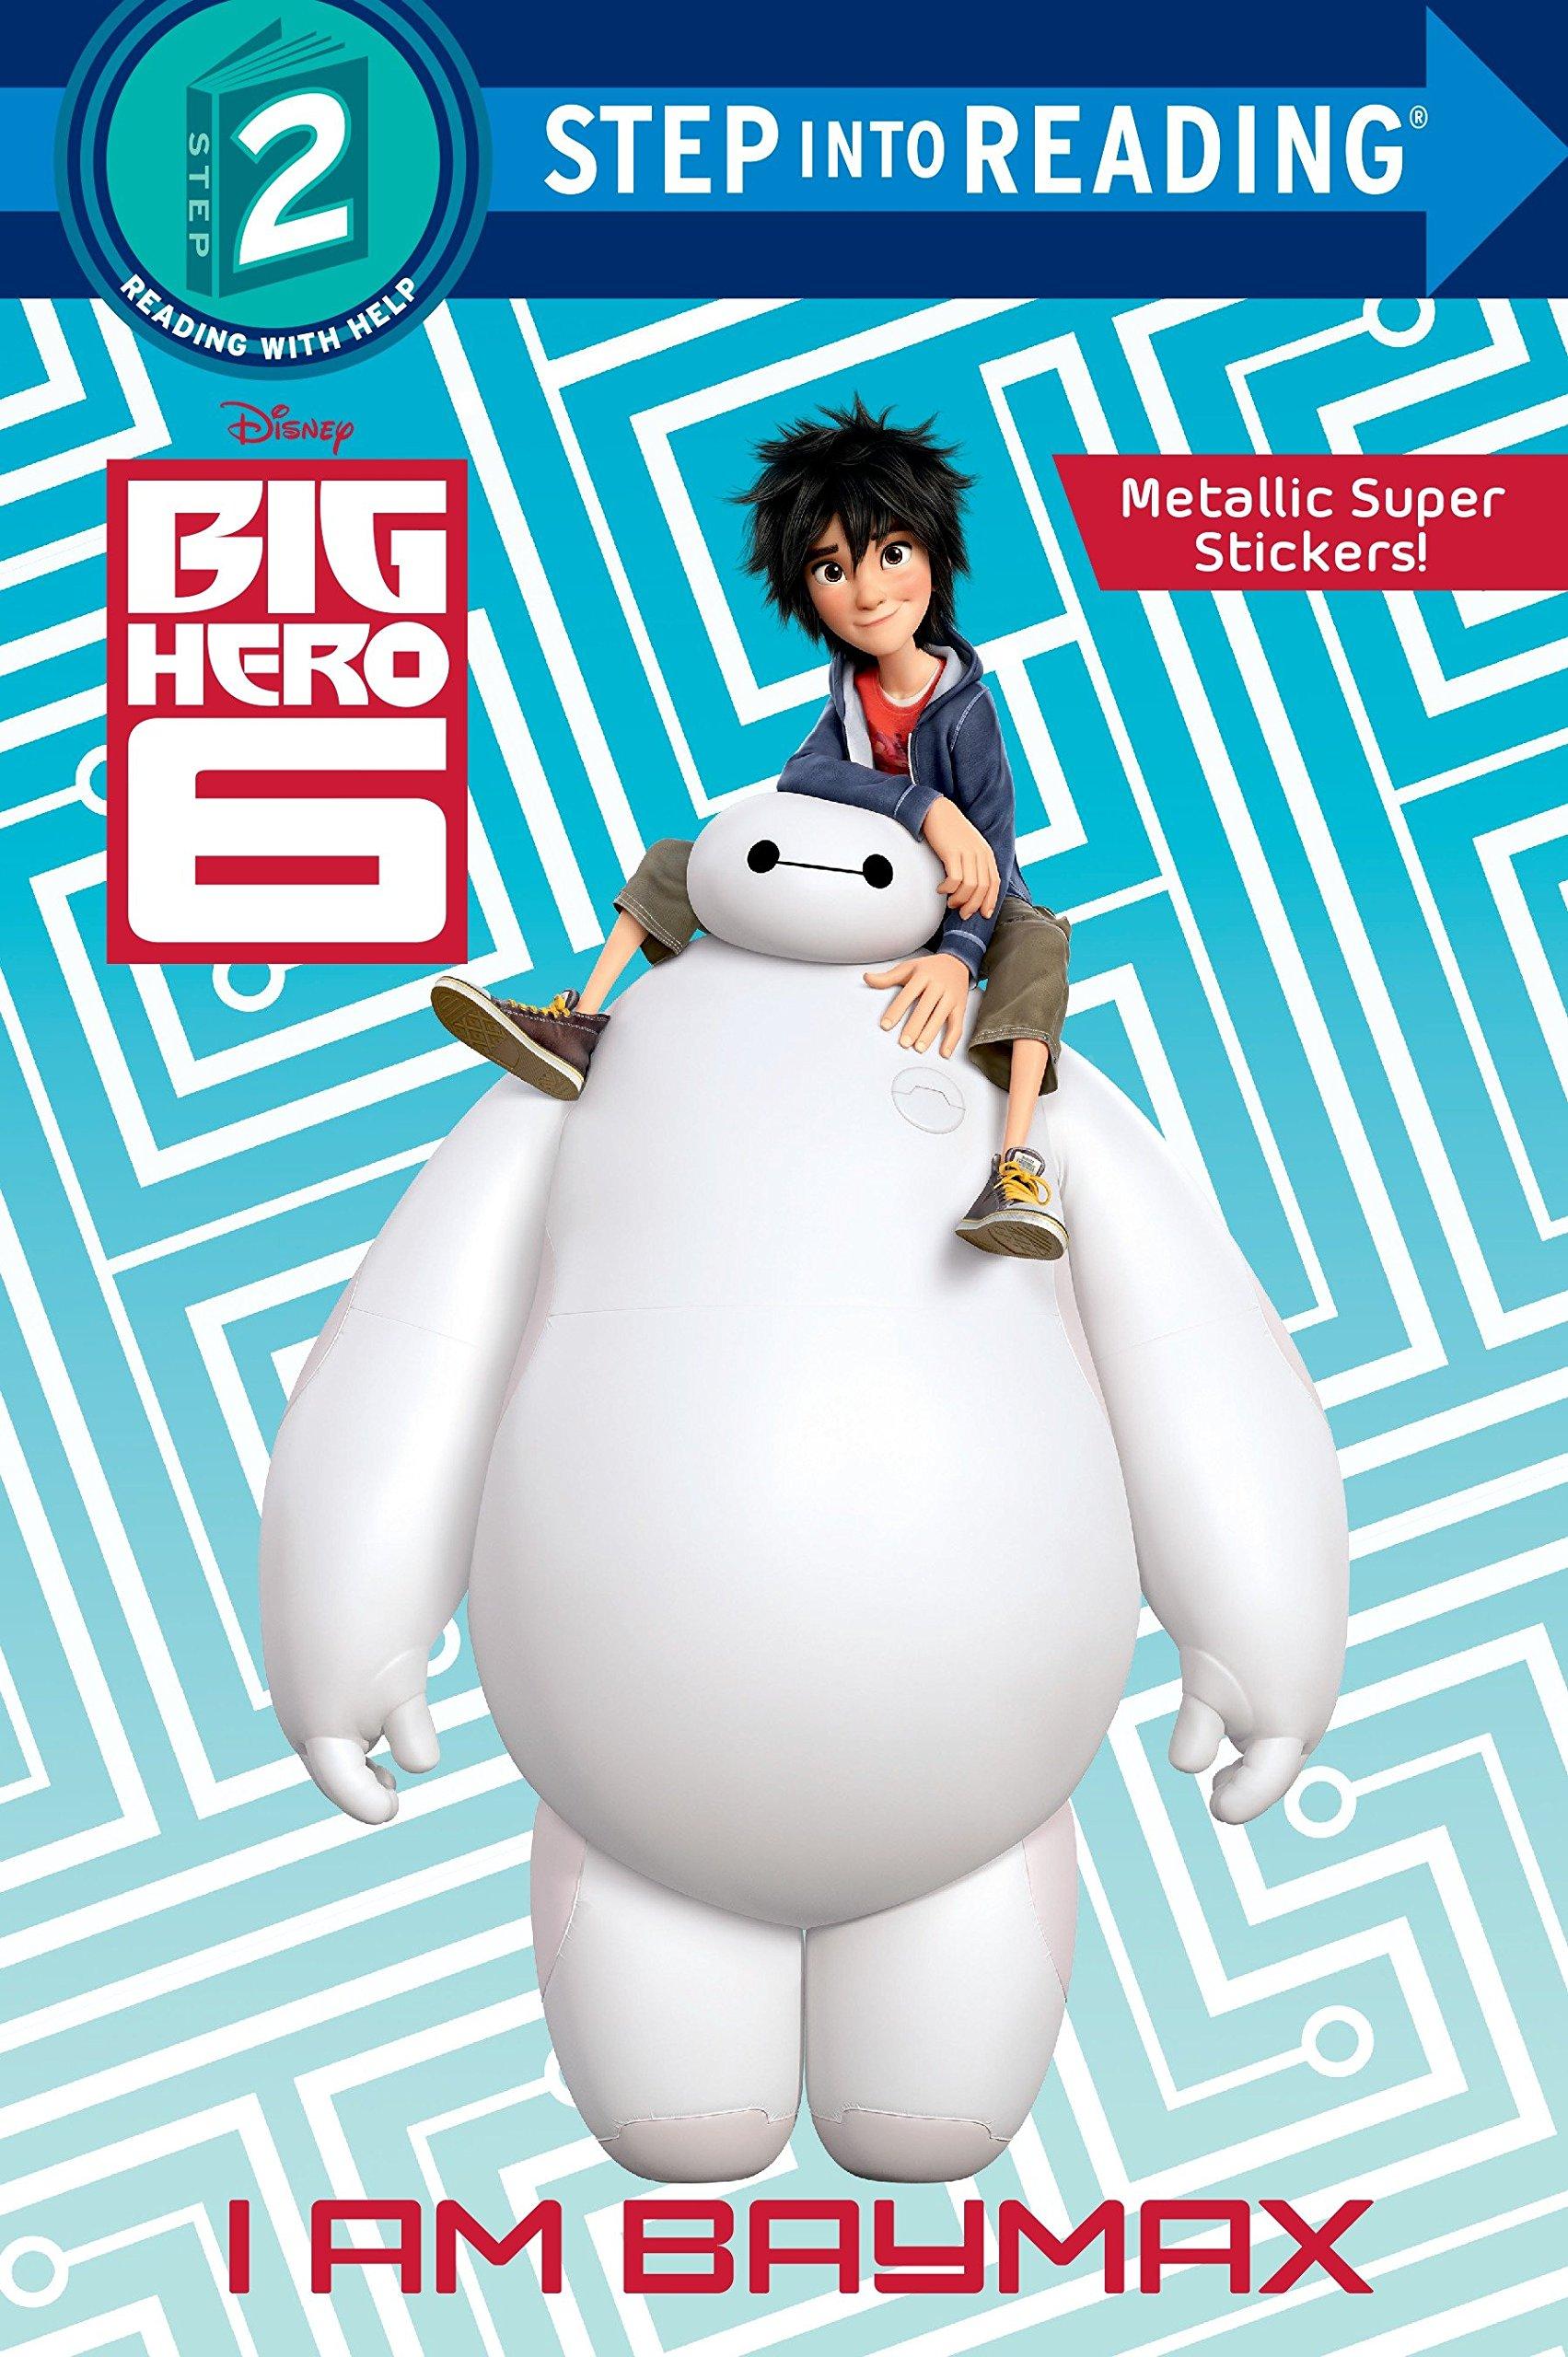 Disney Big Hero 6 Cartoon Coloring Pages 2   Hiro Baymax and Big ...   2560x1703